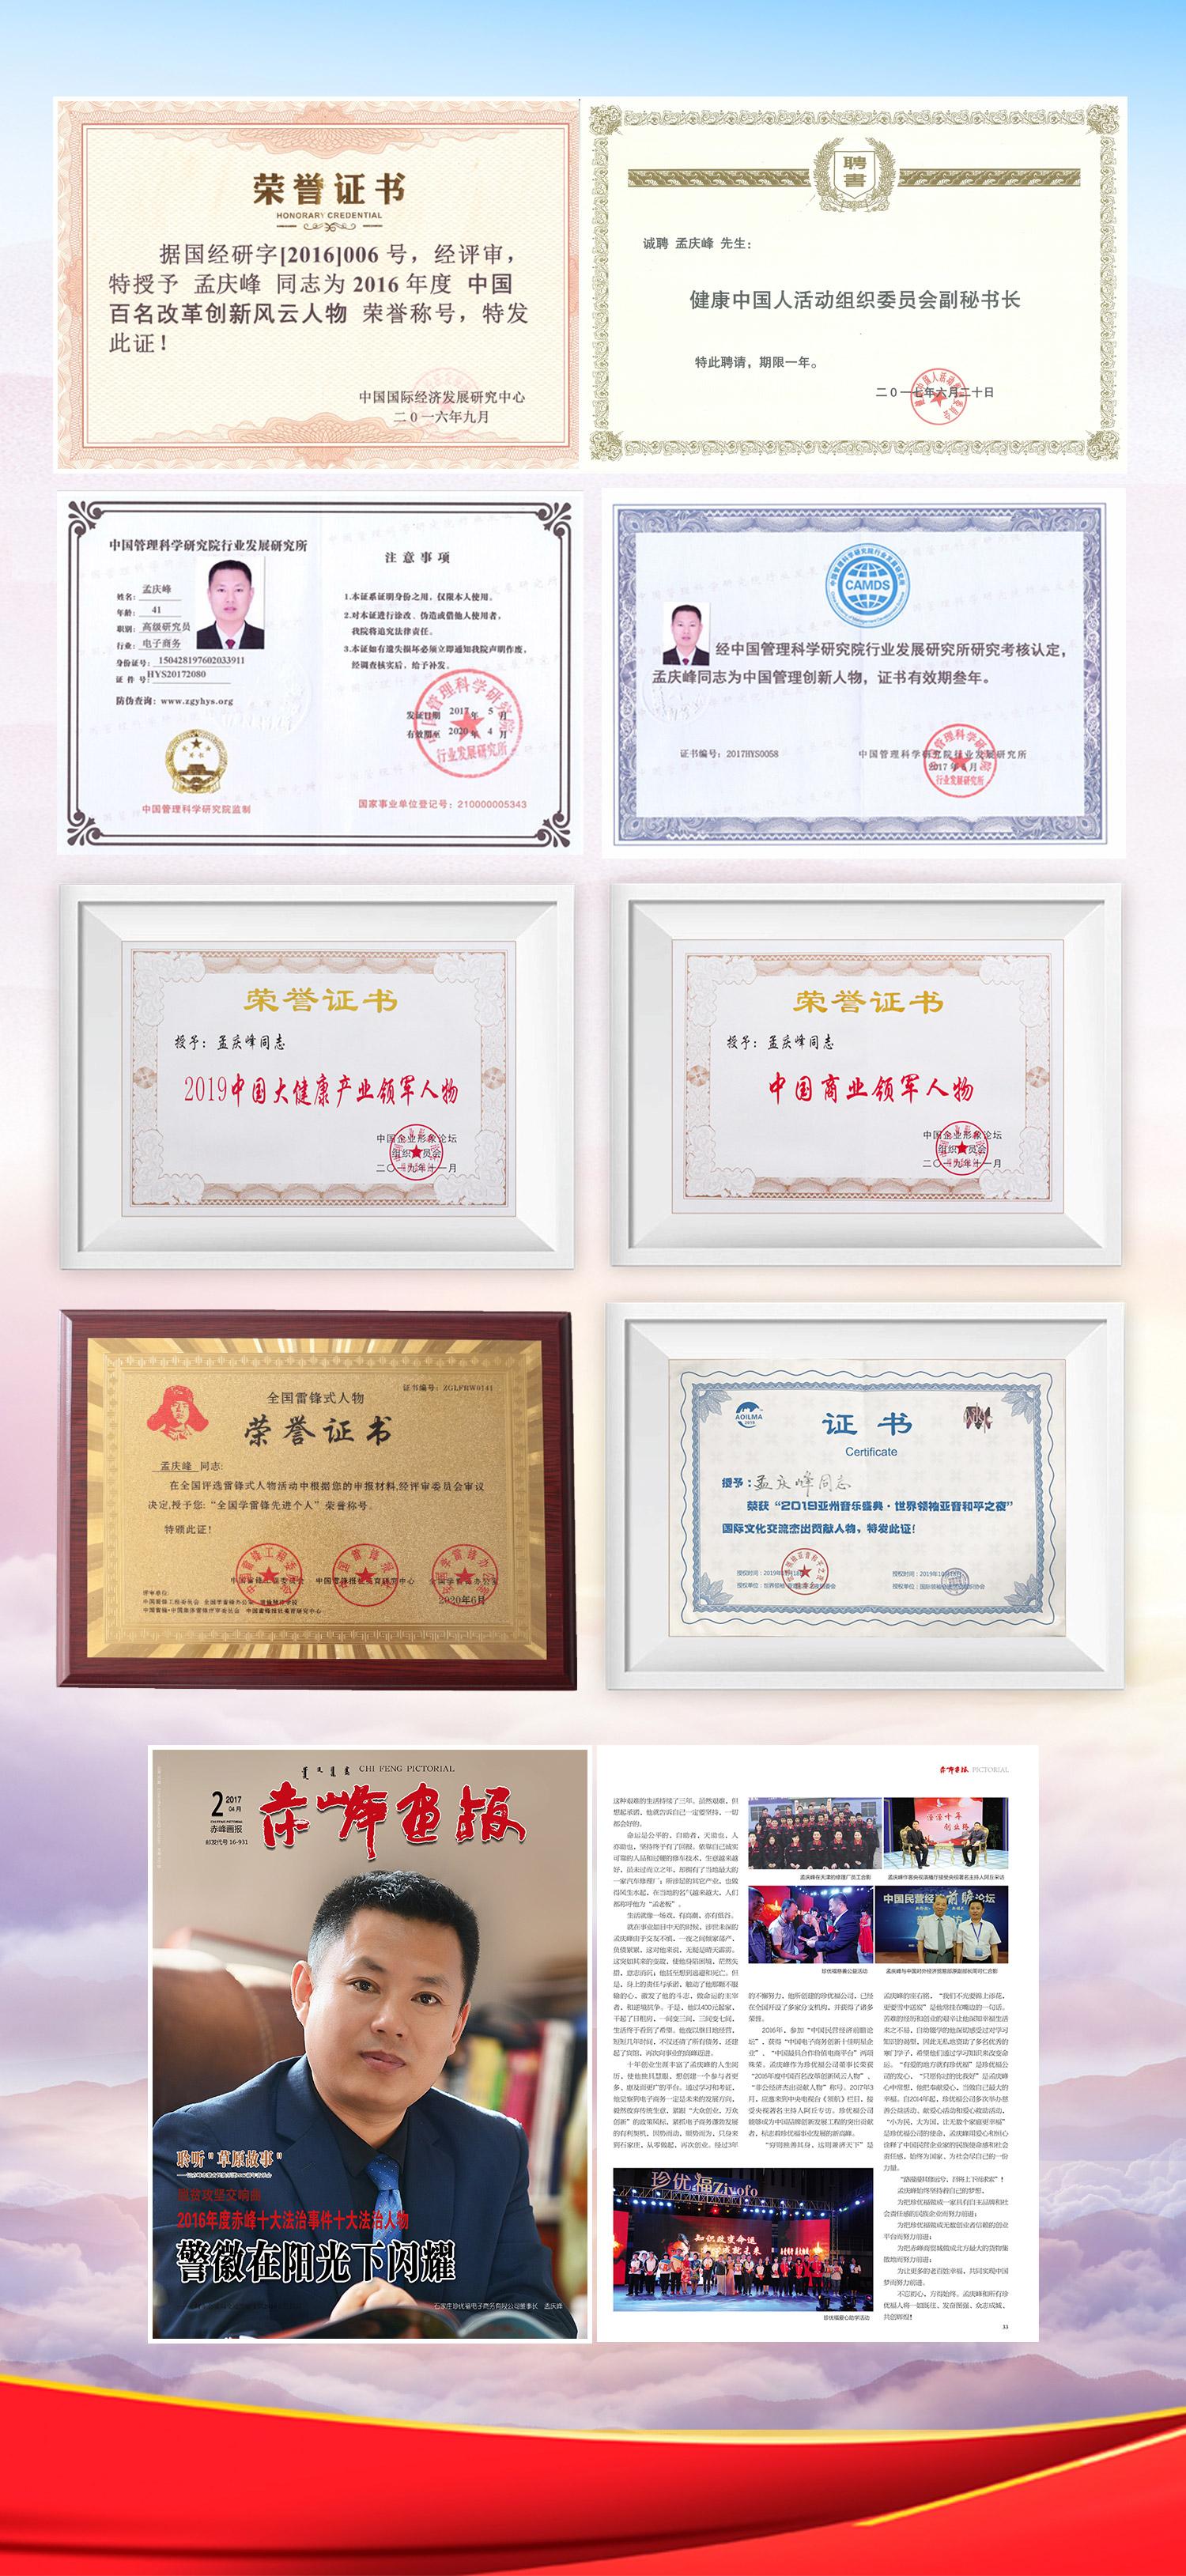 http://image.zhenyoufu.com.cn/shop/article/06711082924424491.jpg